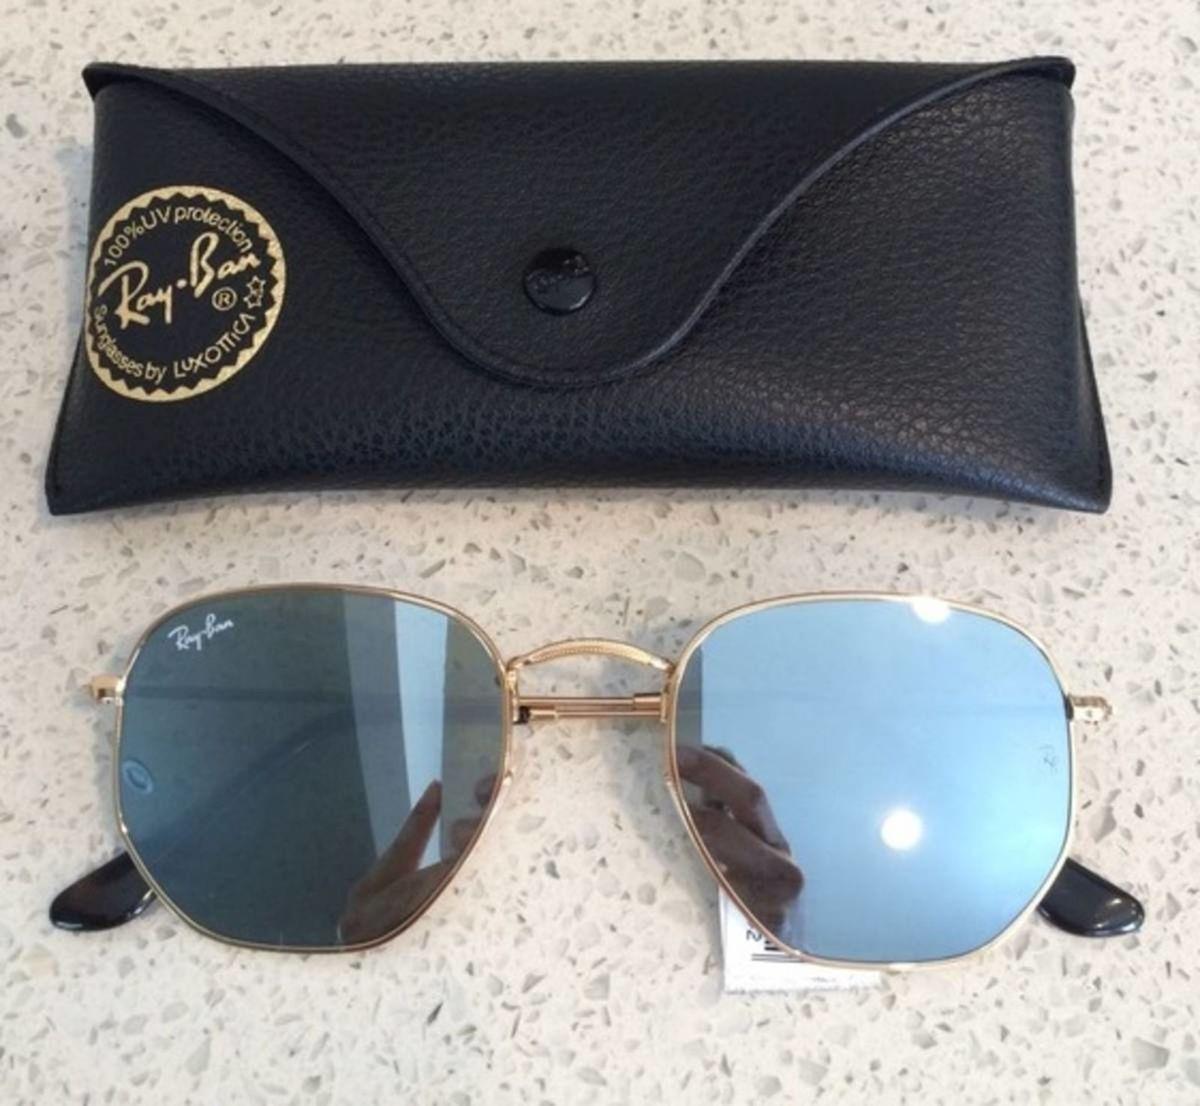 faf73c603 Óculos de Sol Hexagonal Espelhado Prata Unissex | Óculos Feminino ...